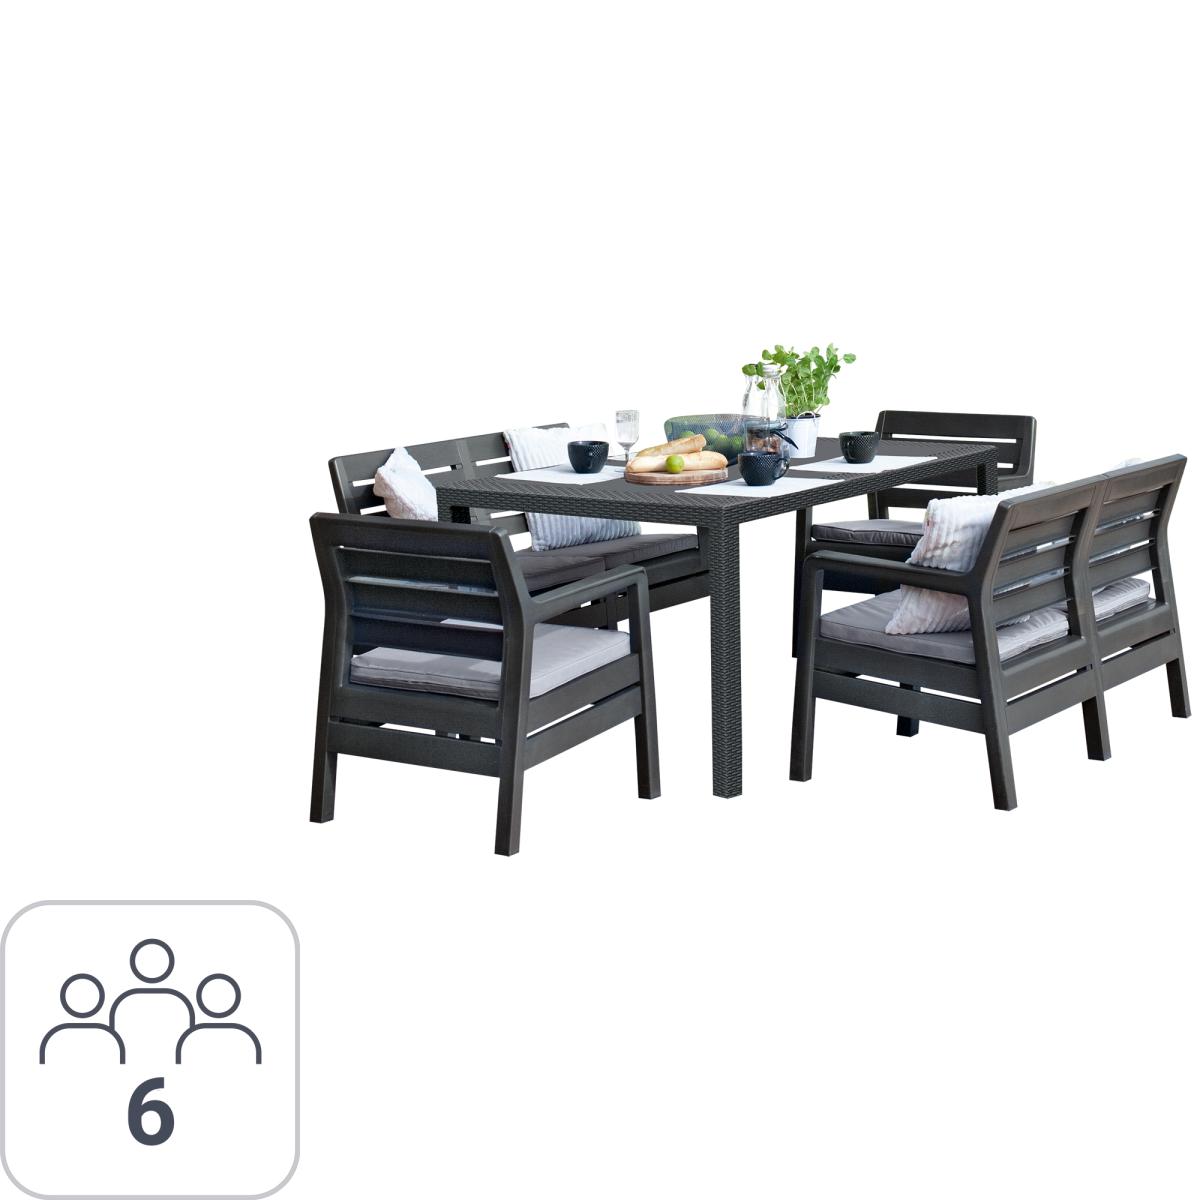 Набор садовой мебели Keter Delano пластик графит 2 софы 2 кресла 1 стол